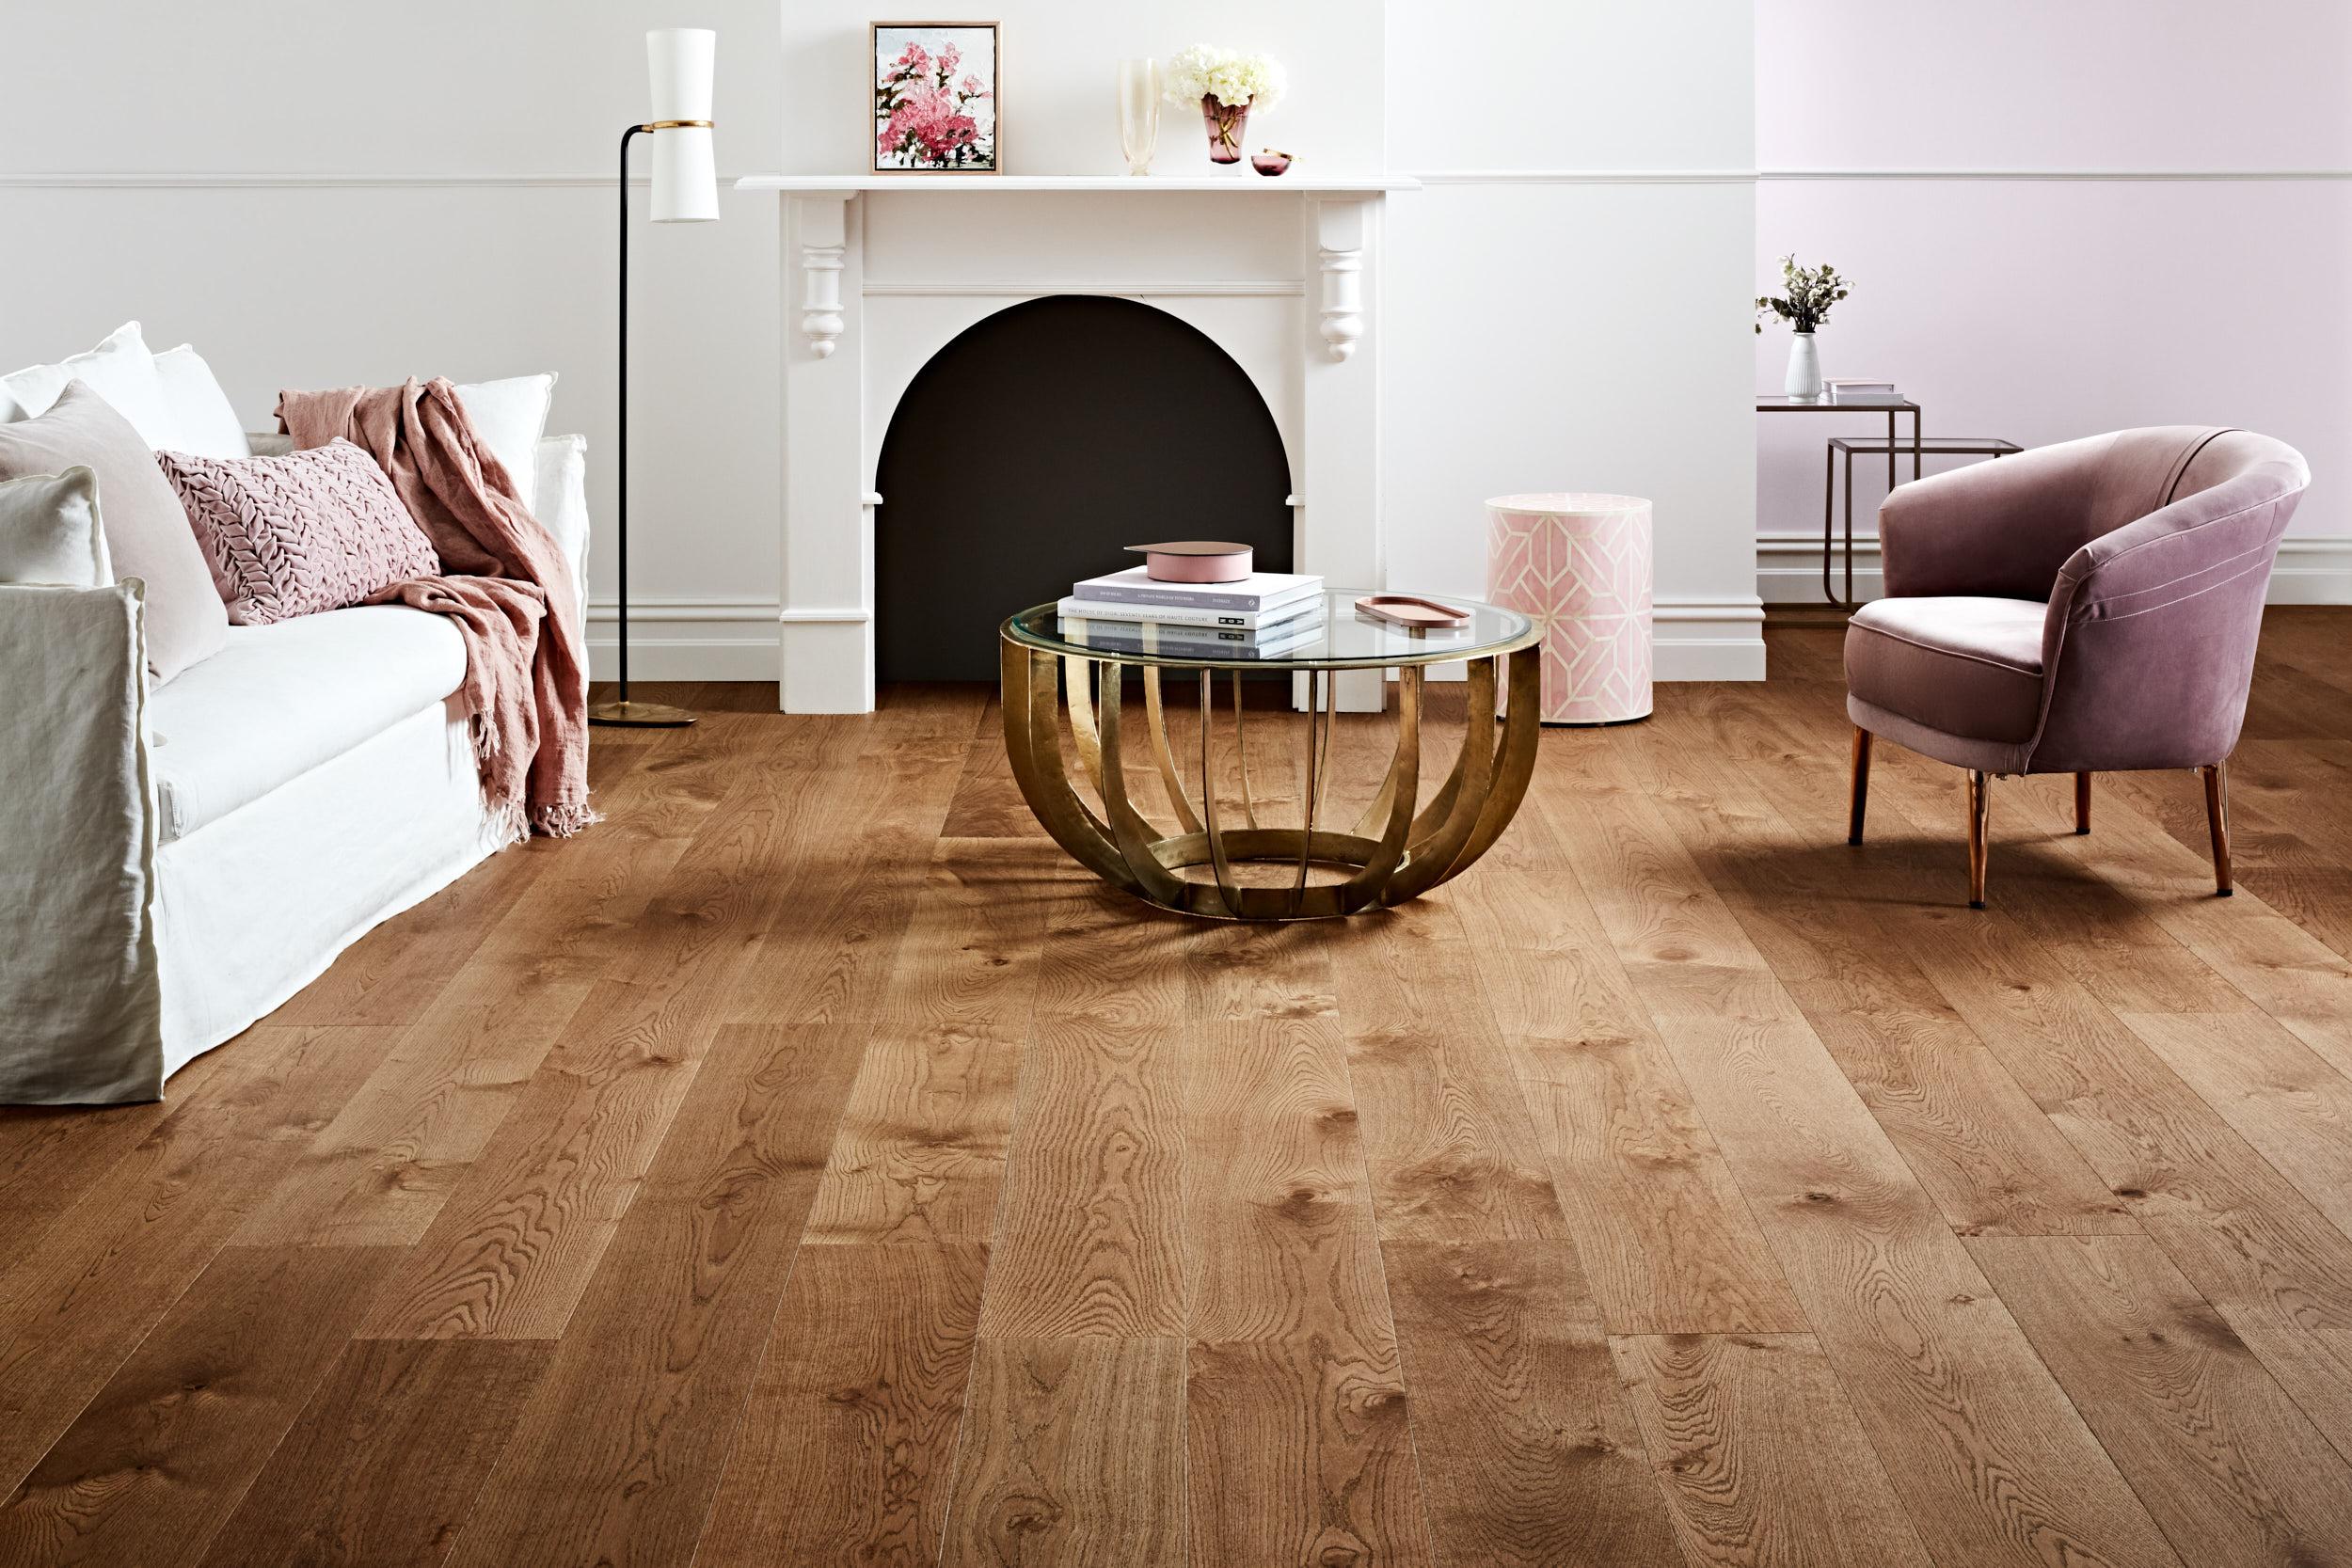 GH_Residential_Oak Elegance Wide Rustic_007.jpg